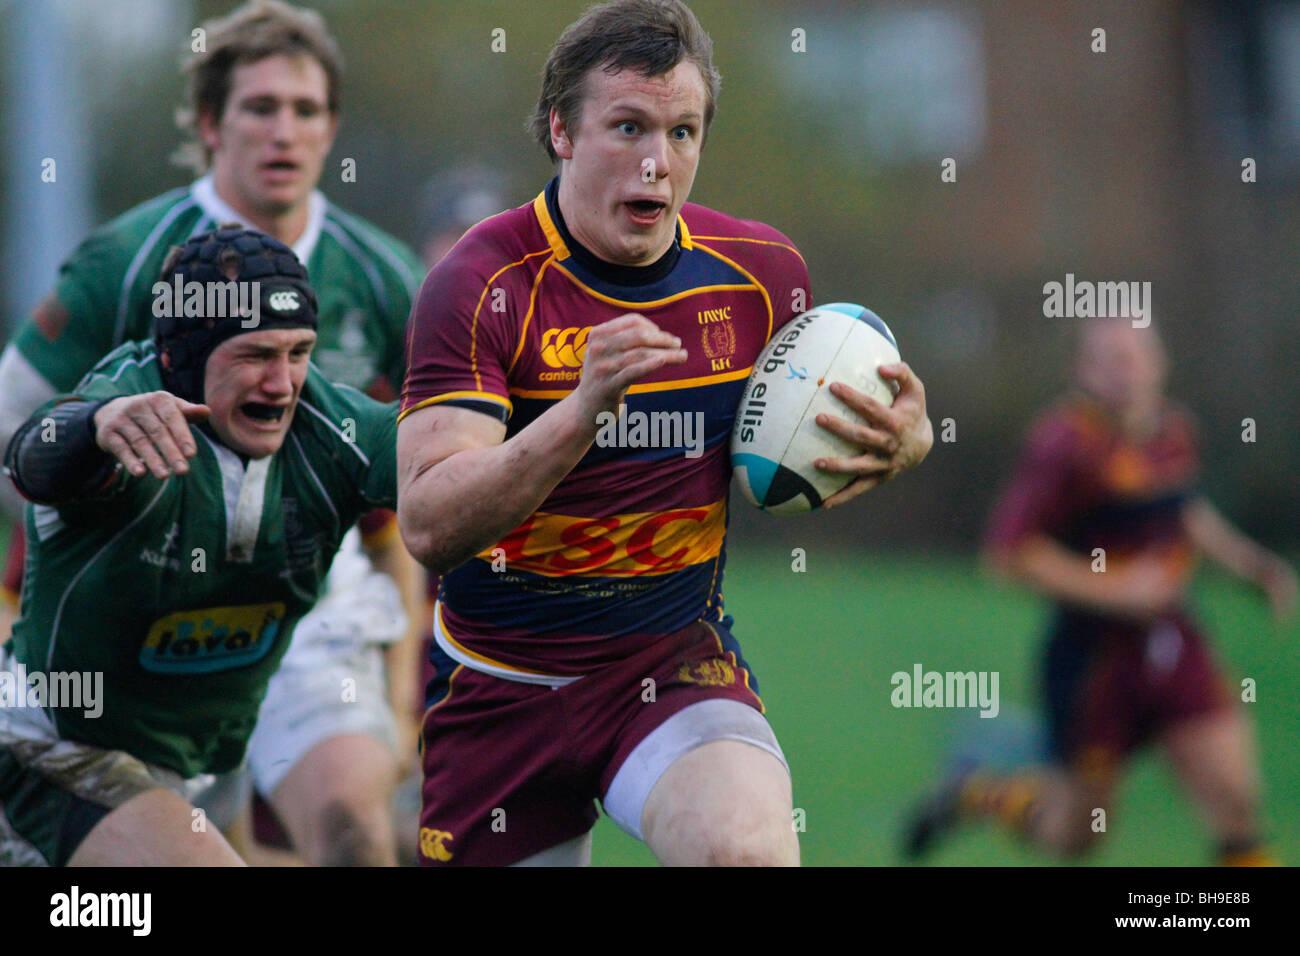 Abordar durante un partido de rugby. Imagen De Stock